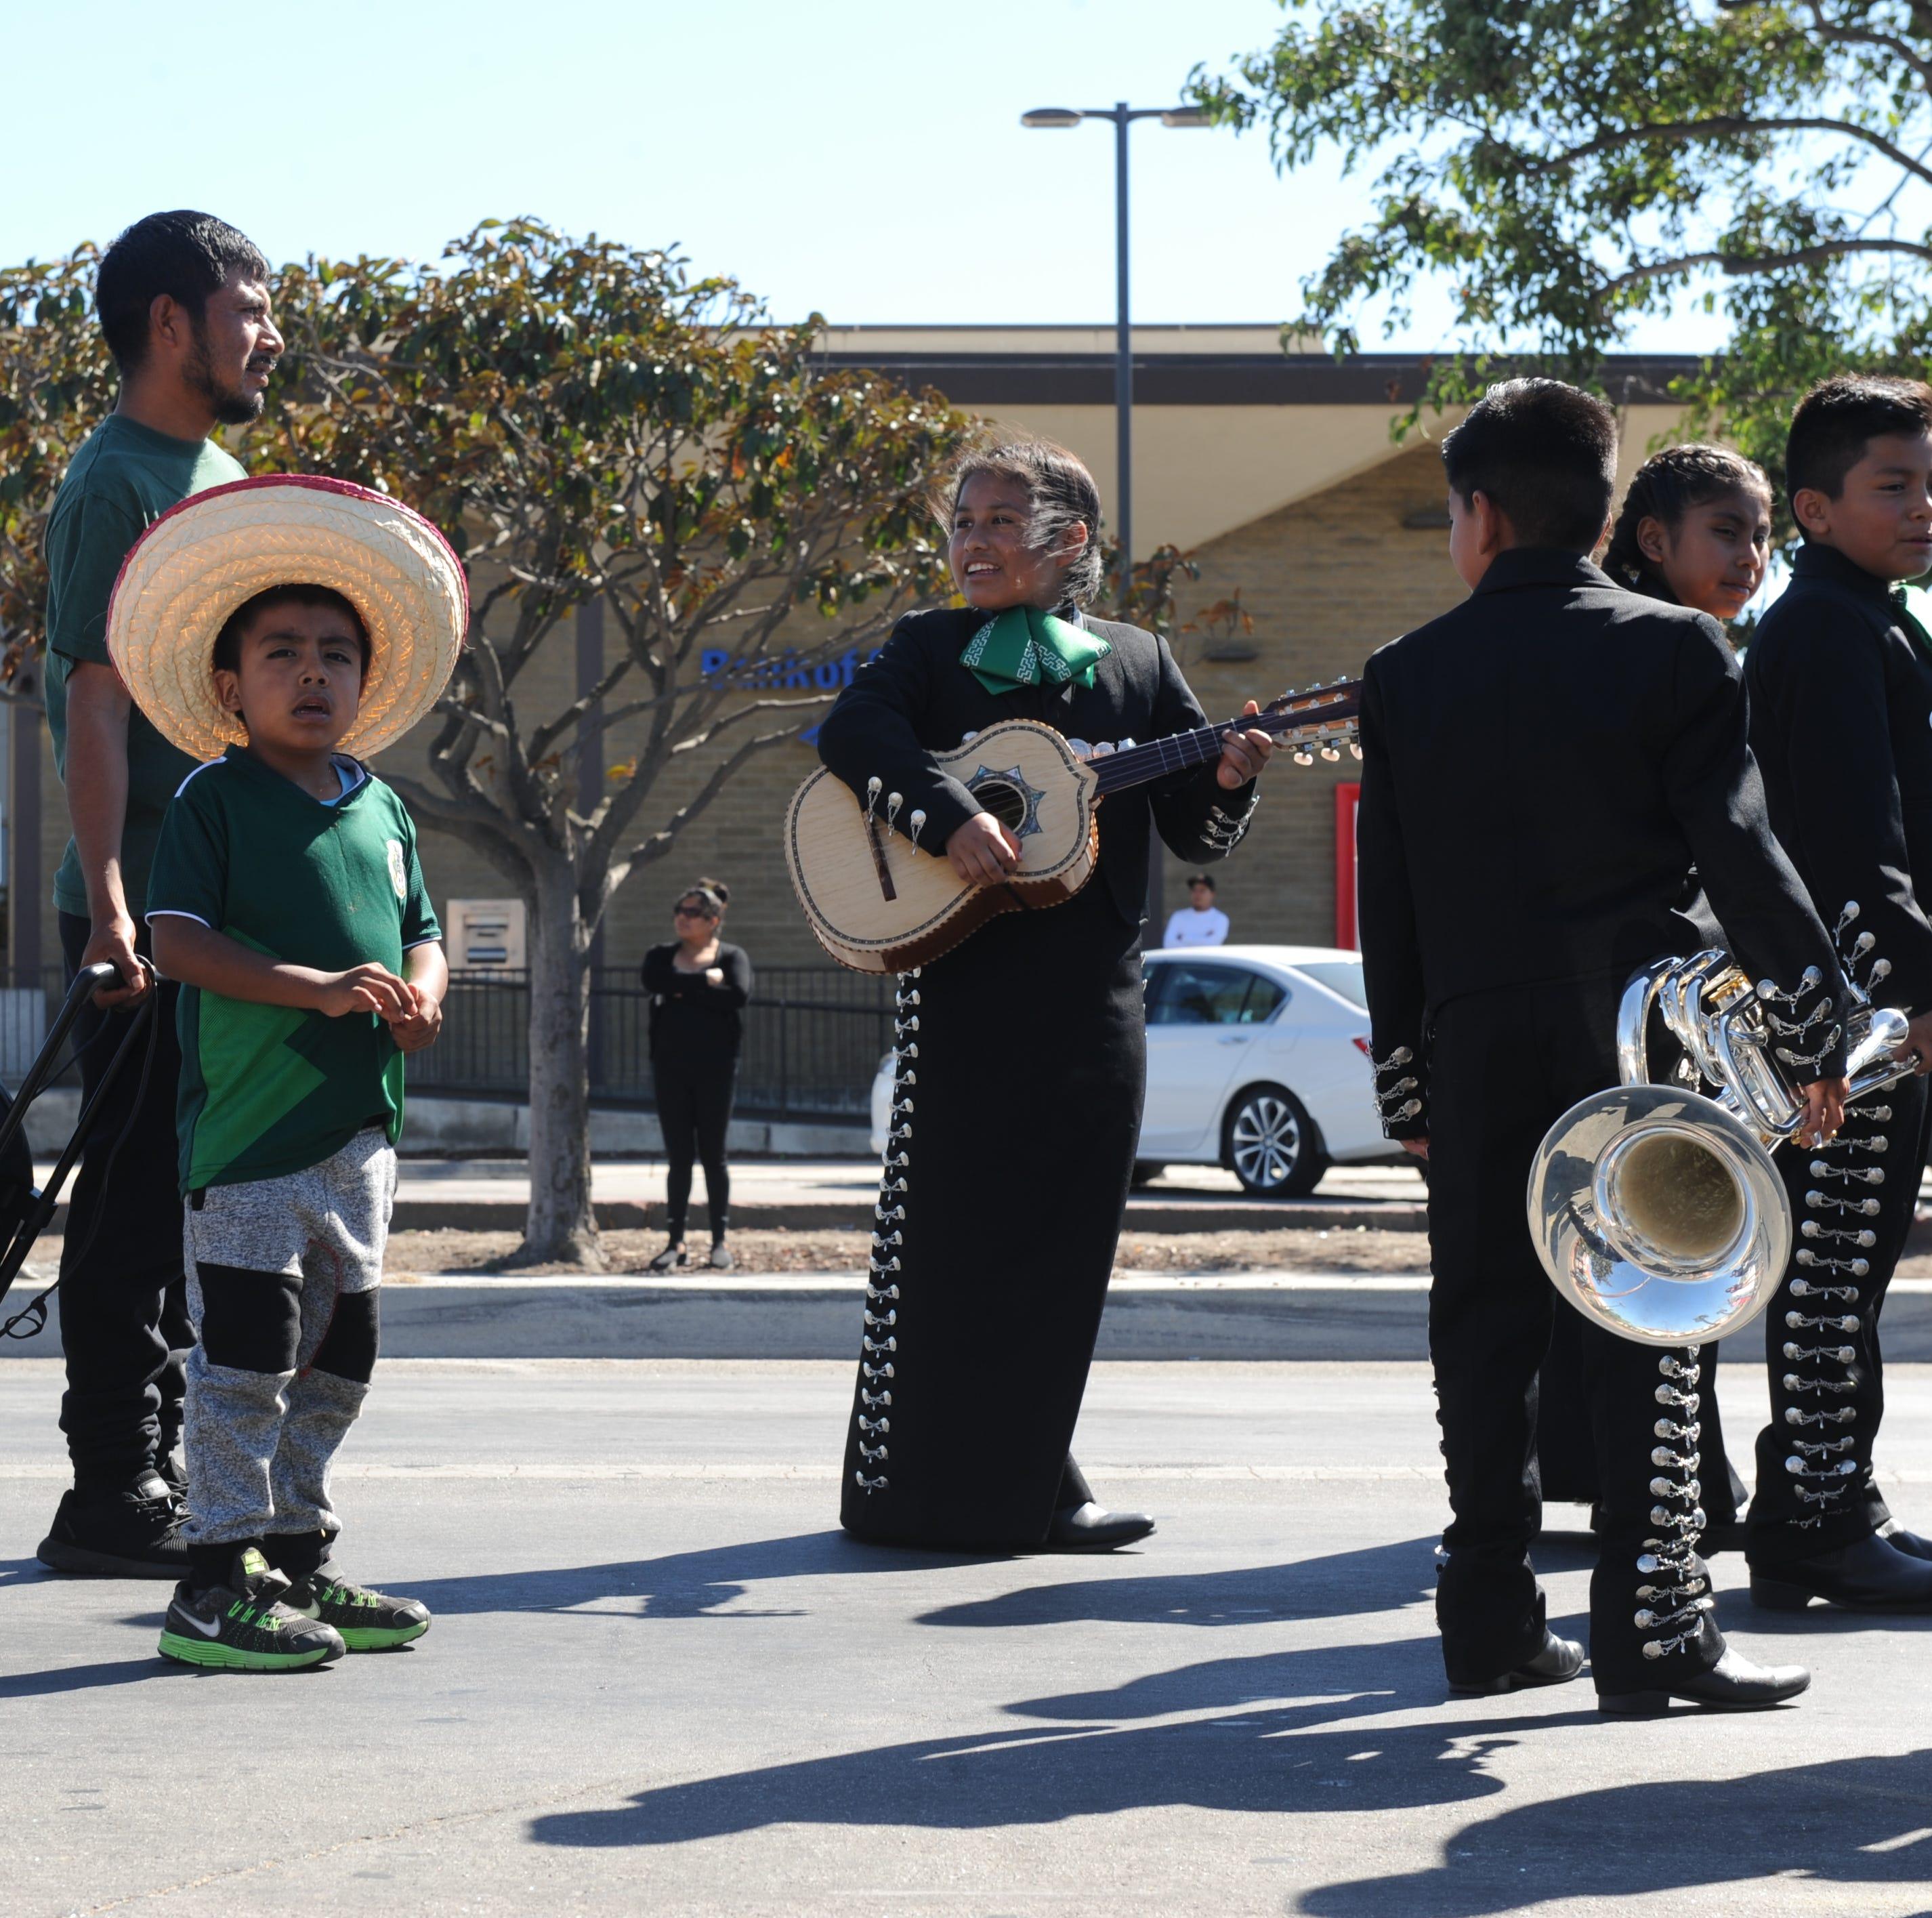 Salinas celebrates El Grito, Mexican heritage